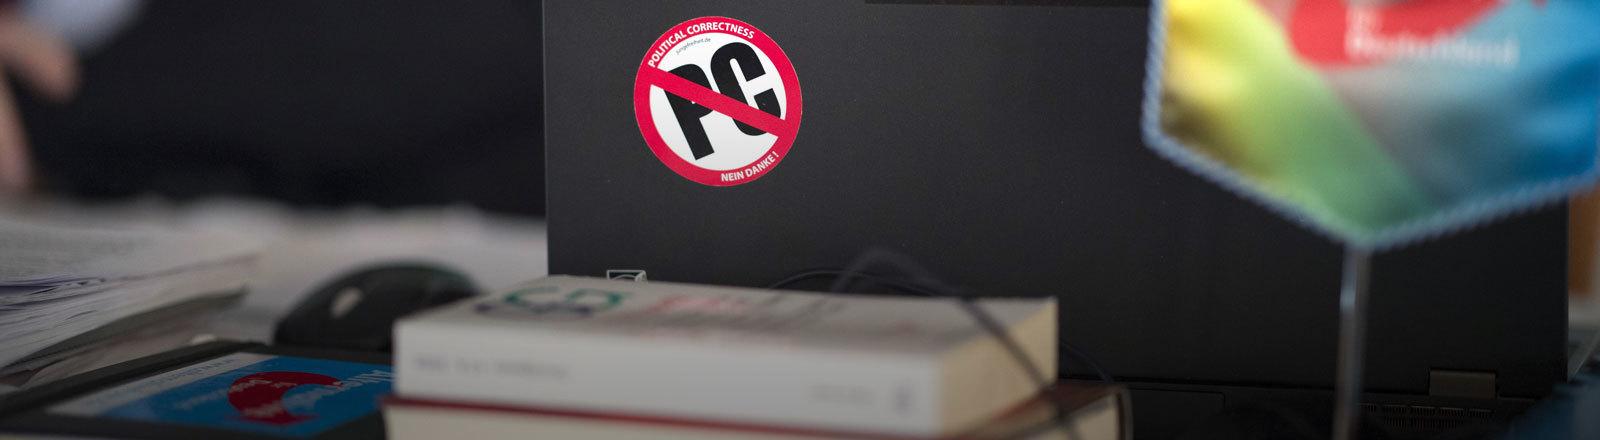 """Ein durchgestrichener """"PC""""-Aufkleber auf einem Laptop"""